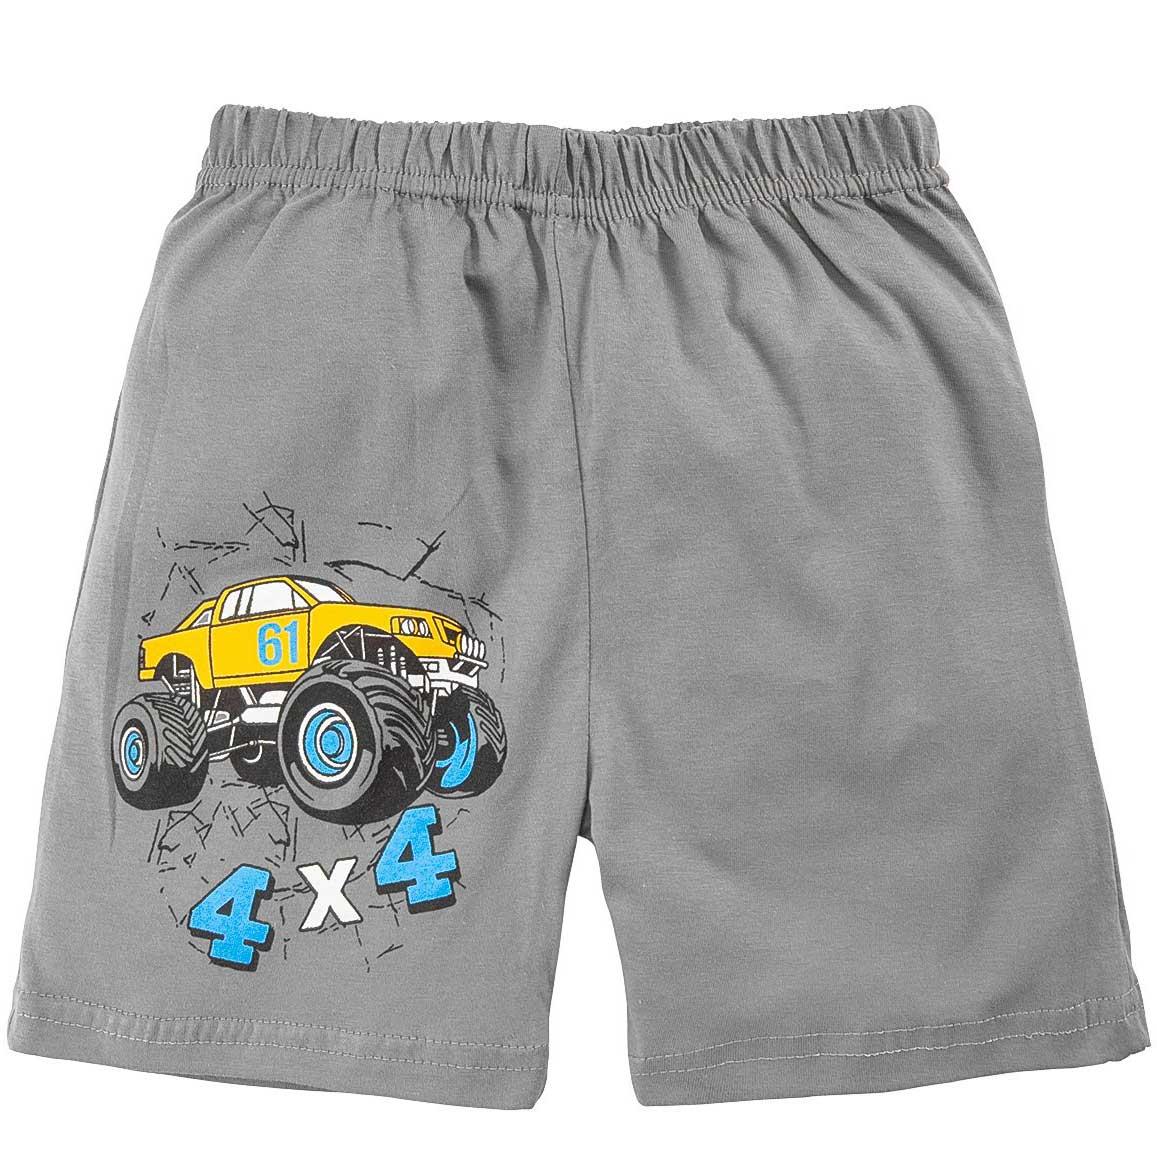 Шорты для мальчика с принтом Car 4x4